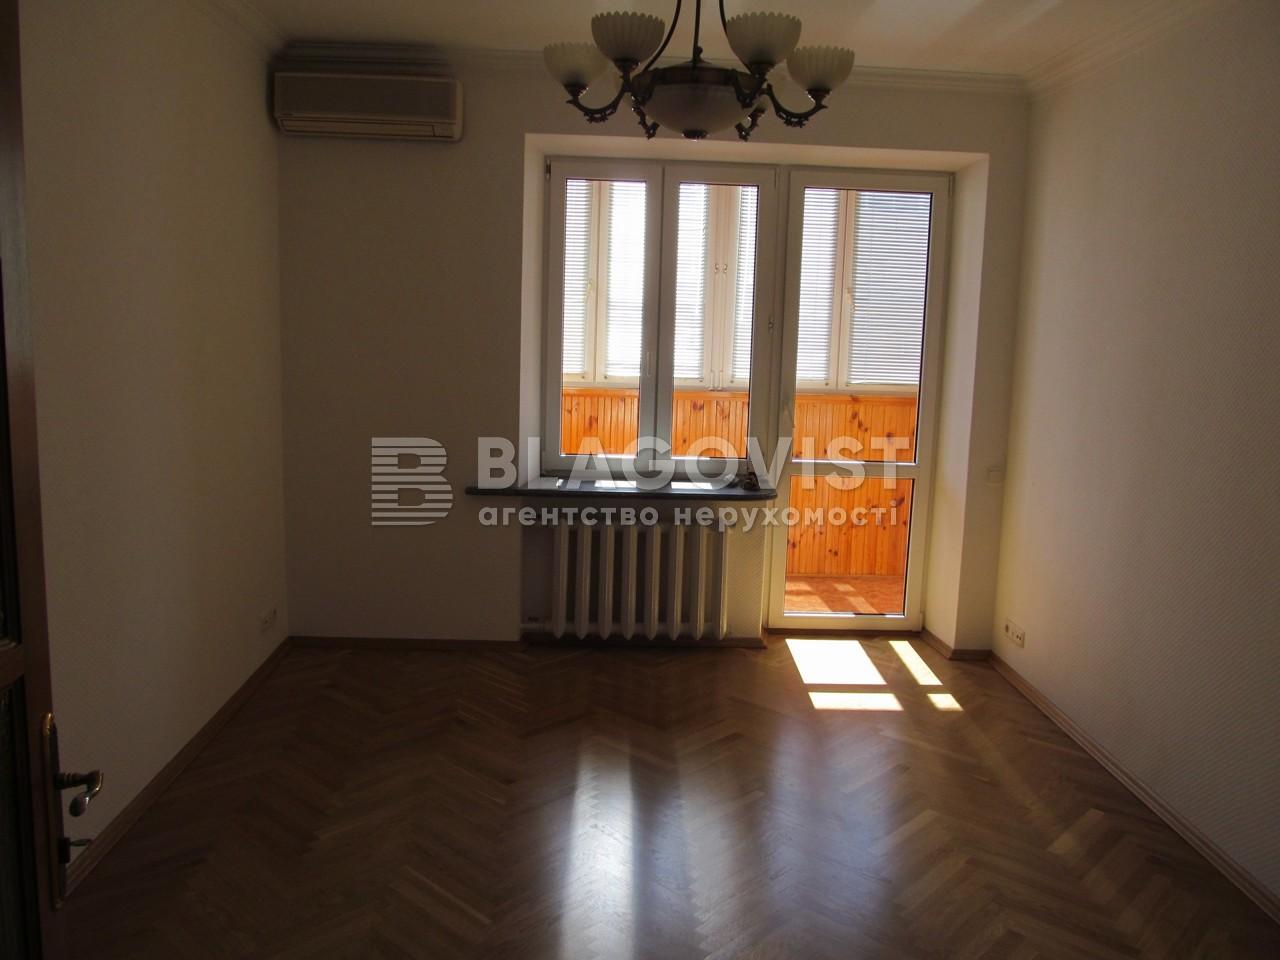 Нежитлове приміщення, C-104934, Лесі Українки бул., Київ - Фото 10